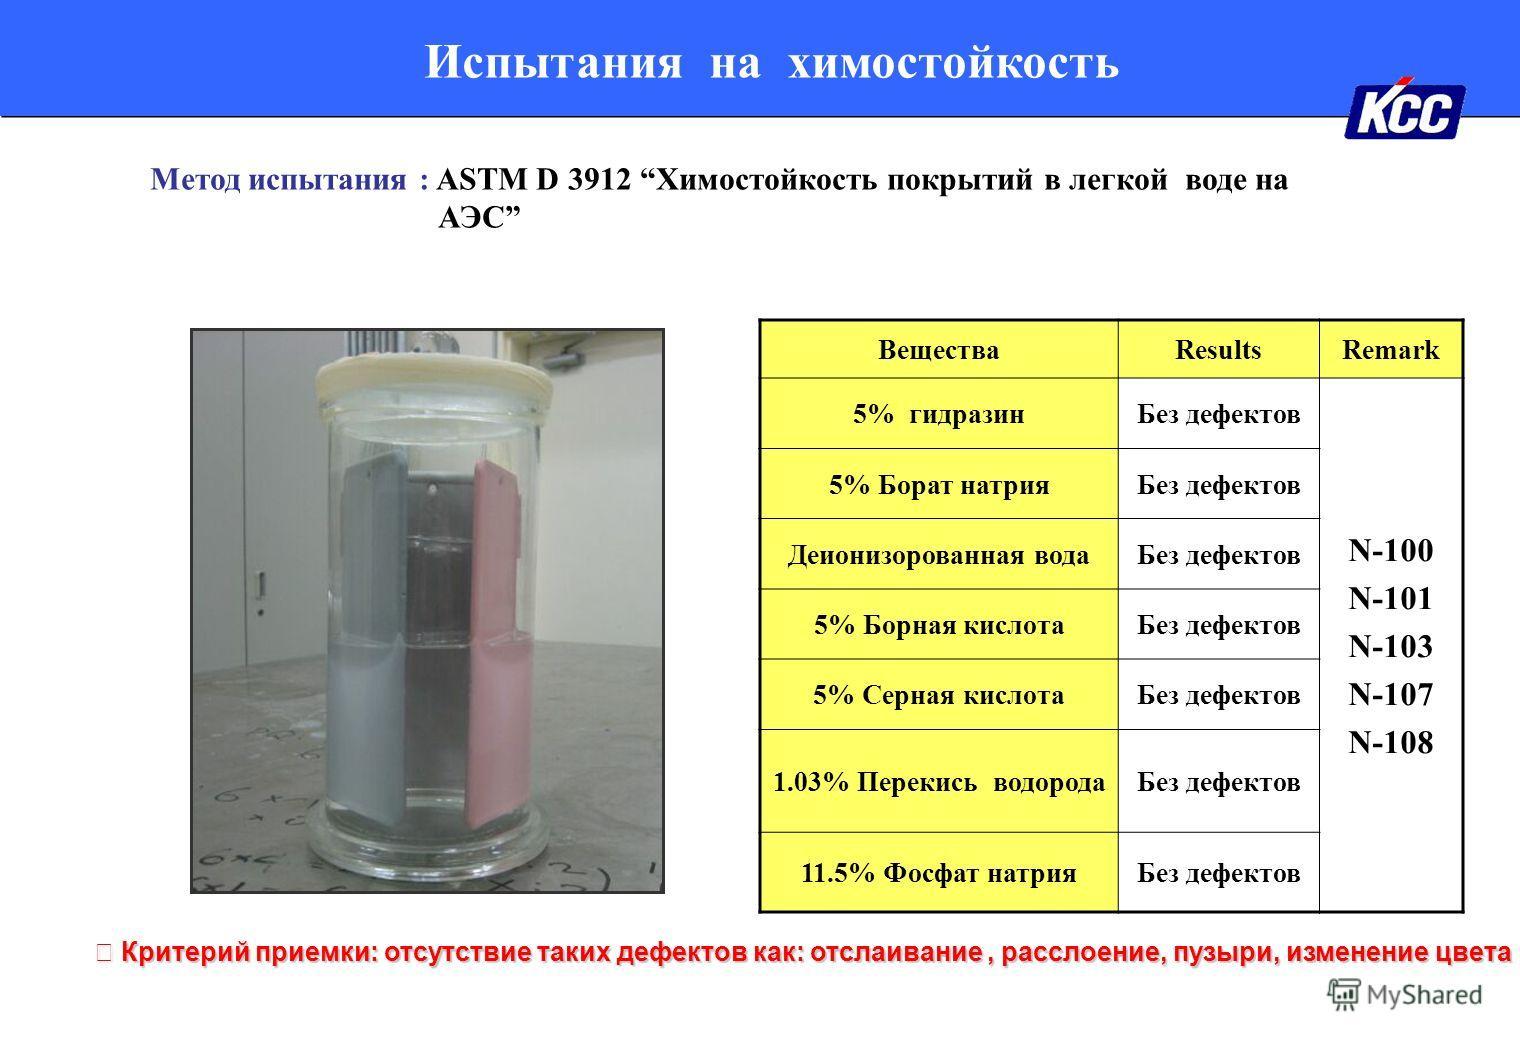 Испытания на химостойкость Метод испытания : ASTM D 3912 Химостойкость покрытий в легкой воде на АЭС ВеществаResultsRemark 5% гидразинБез дефектов N-100 N-101 N-103 N-107 N-108 5% Борат натрияБез дефектов Деионизорованная водаБез дефектов 5% Борная к